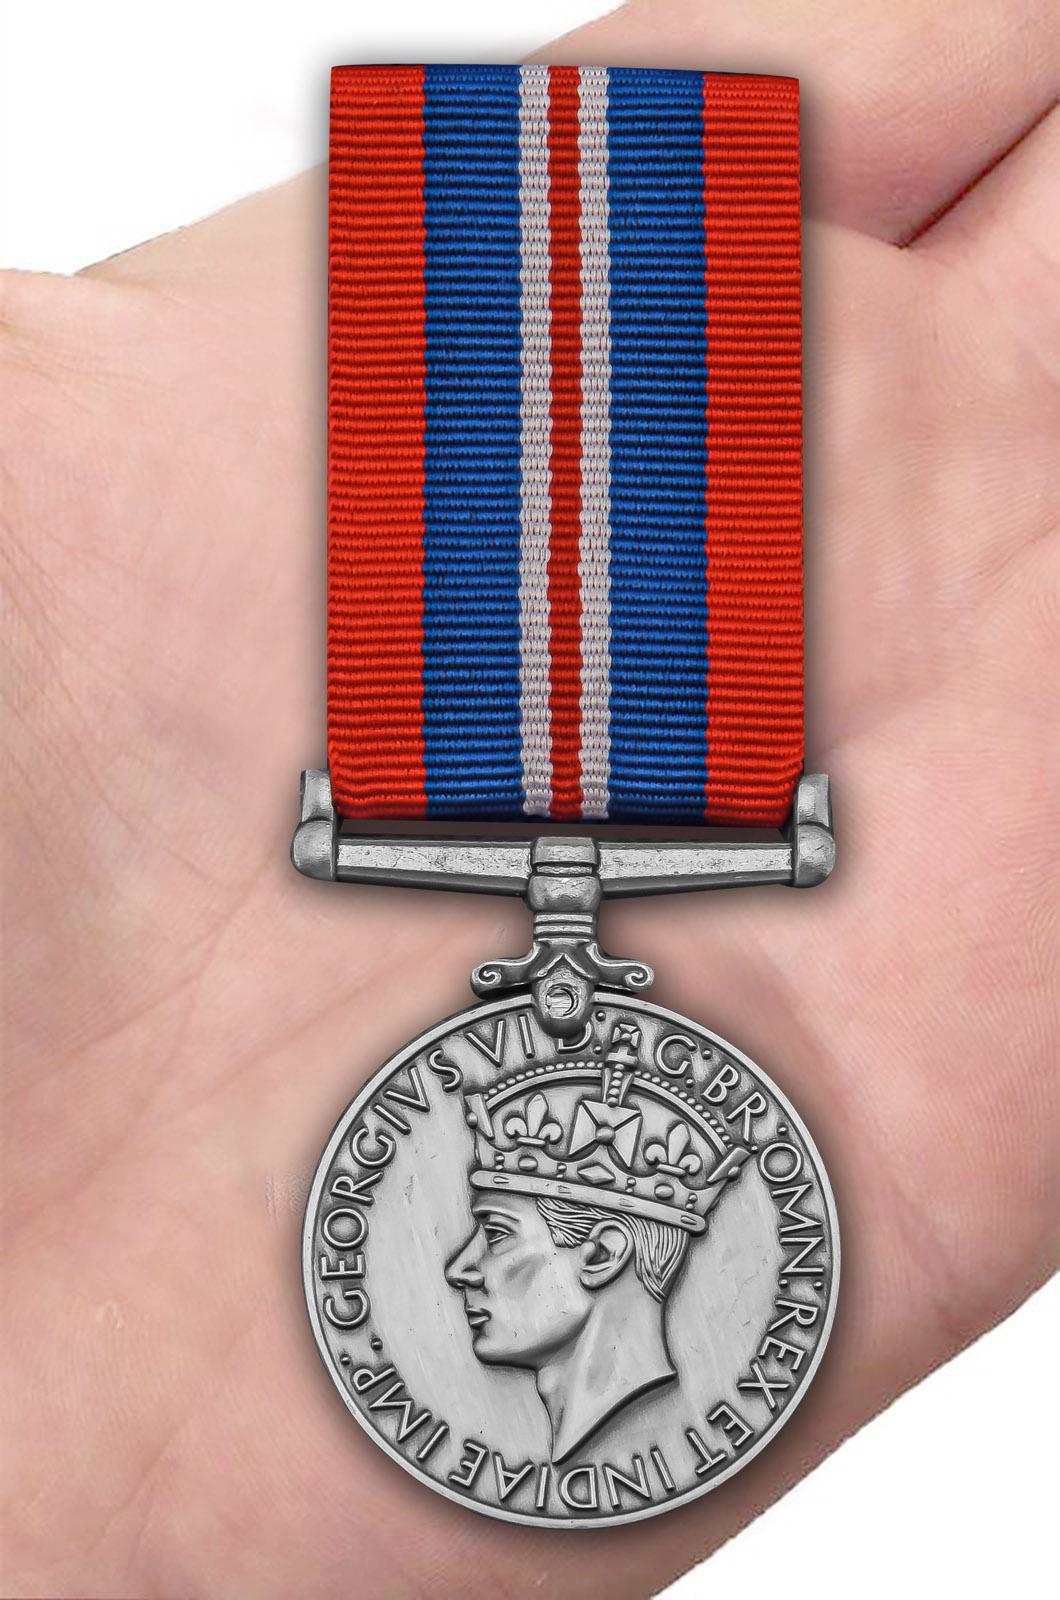 Военная медаль 1939-1945 (Великобритания) - вид на ладони